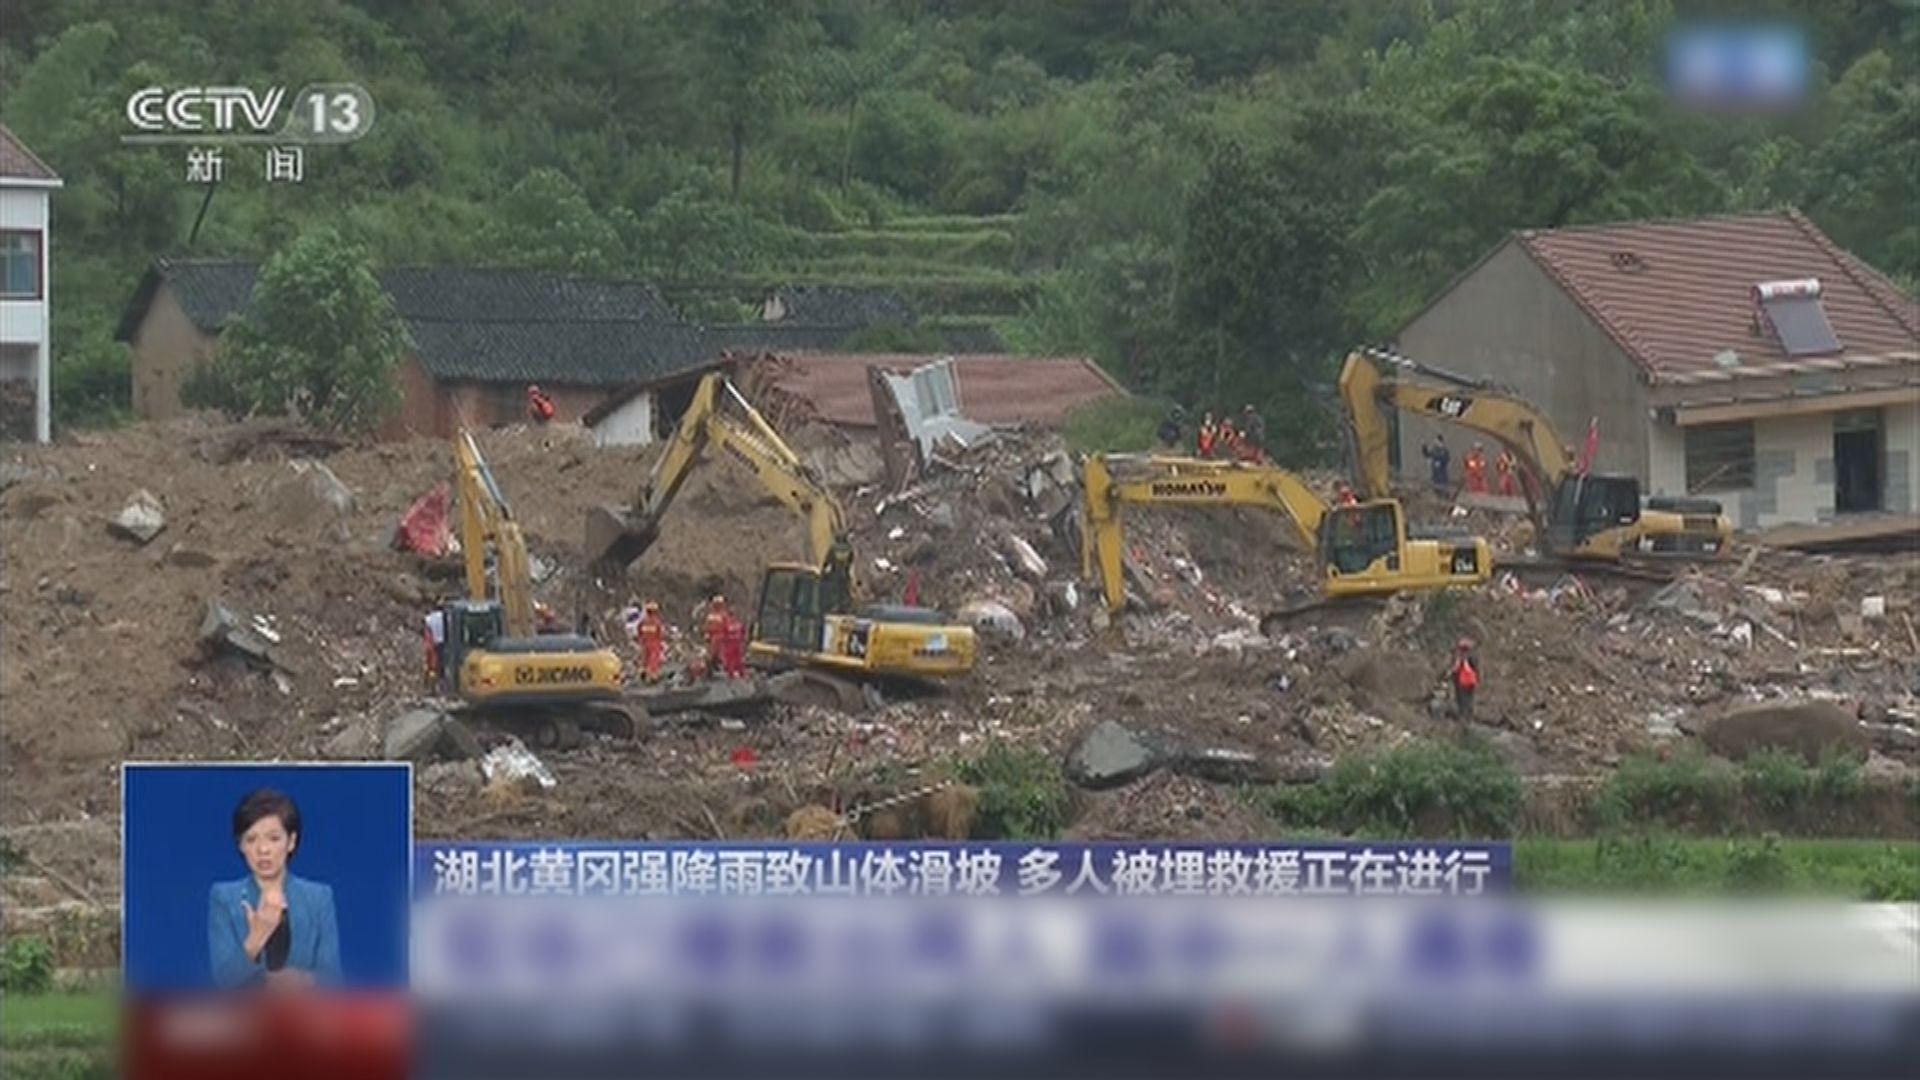 湖北及貴州均發生山泥傾瀉多人被埋